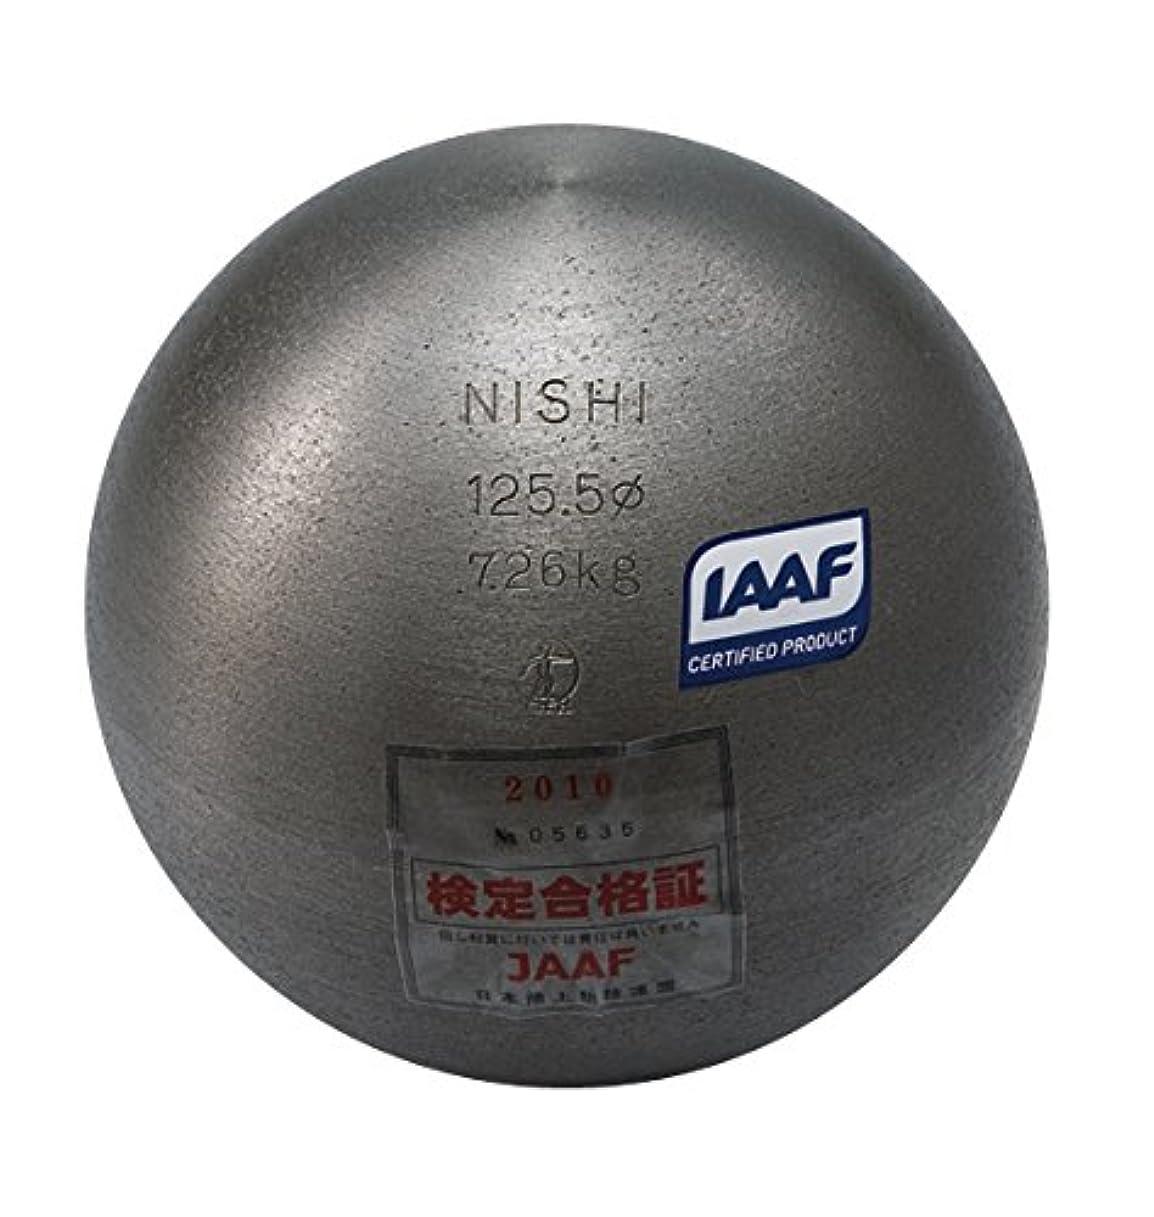 傾いたフラッシュのように素早くプーノNISHI(ニシ?スポーツ) 陸上競技 砲丸投 砲丸 7.260kg 鉄製 F251